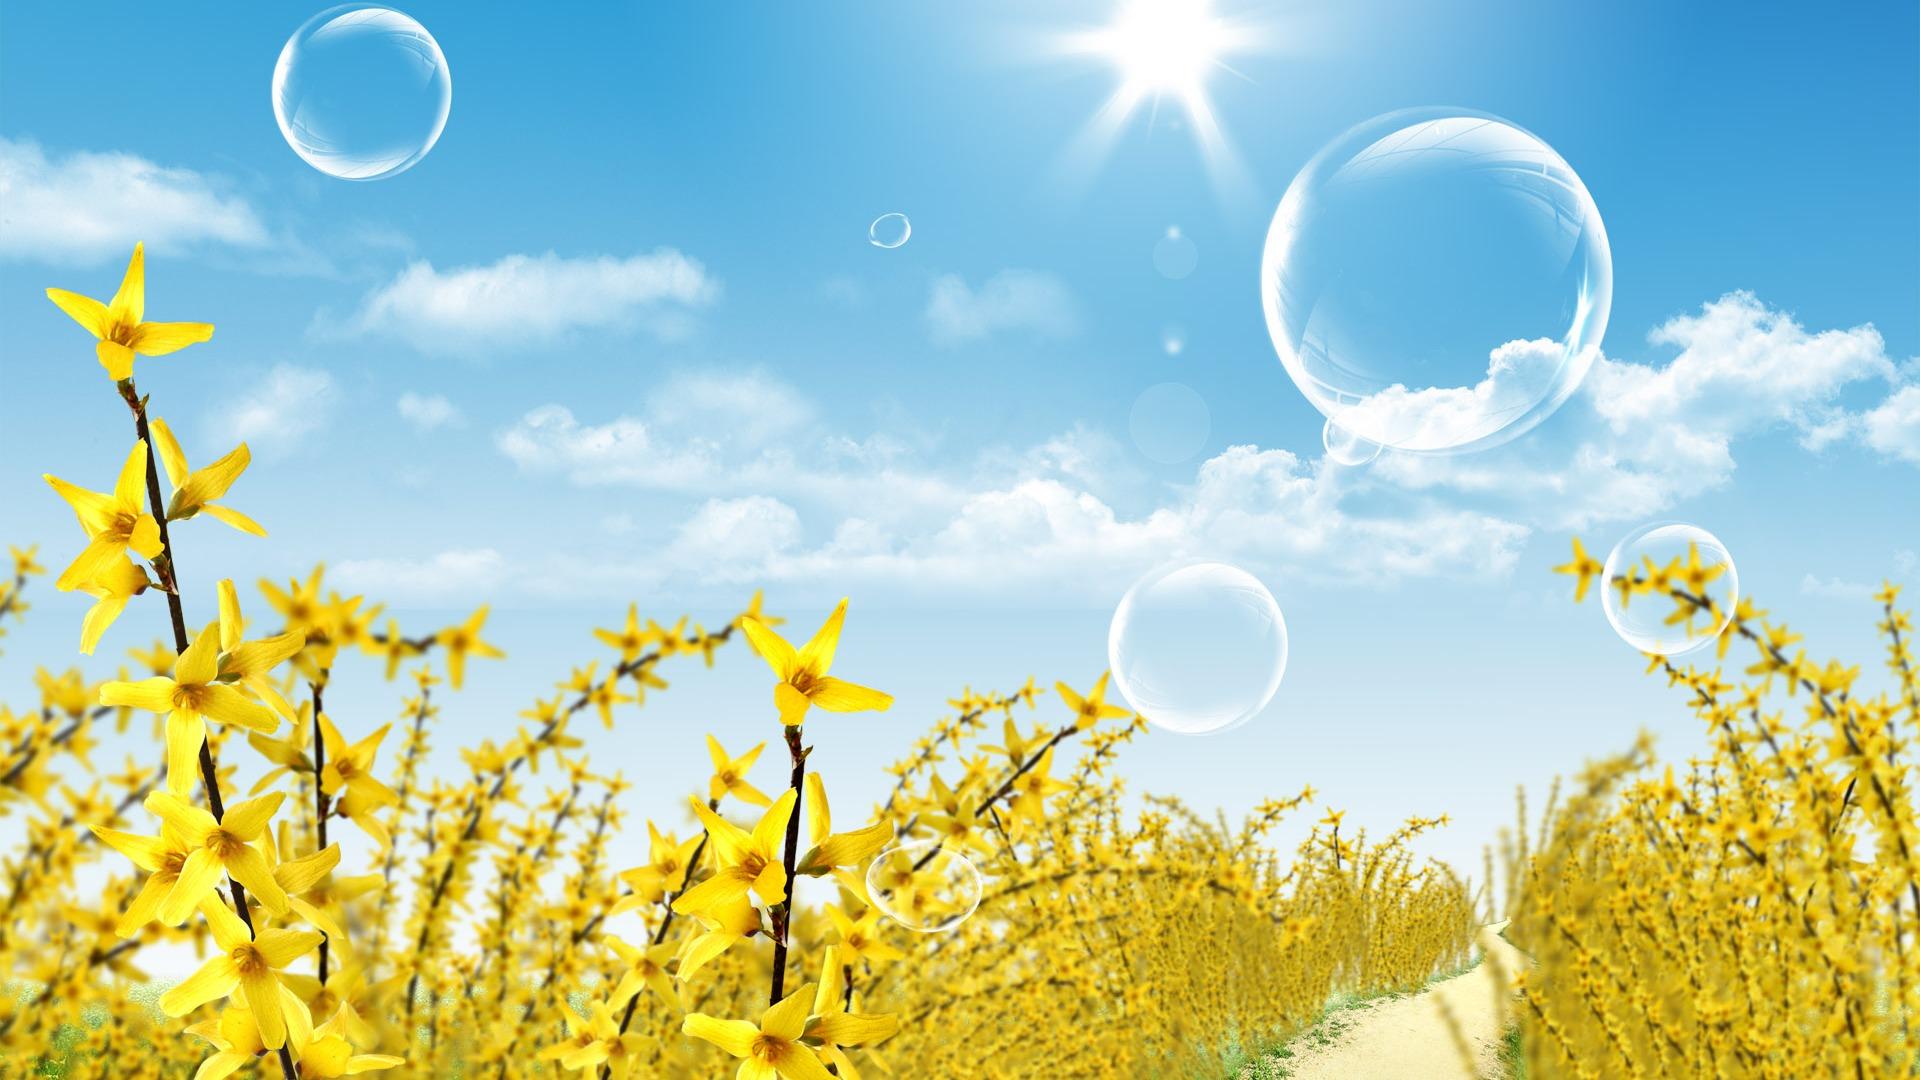 Photoshop fondos de escritorio de paisaje soleado de verano 1 14 1920x1080 fondos de - Fondos de escritorio verano ...